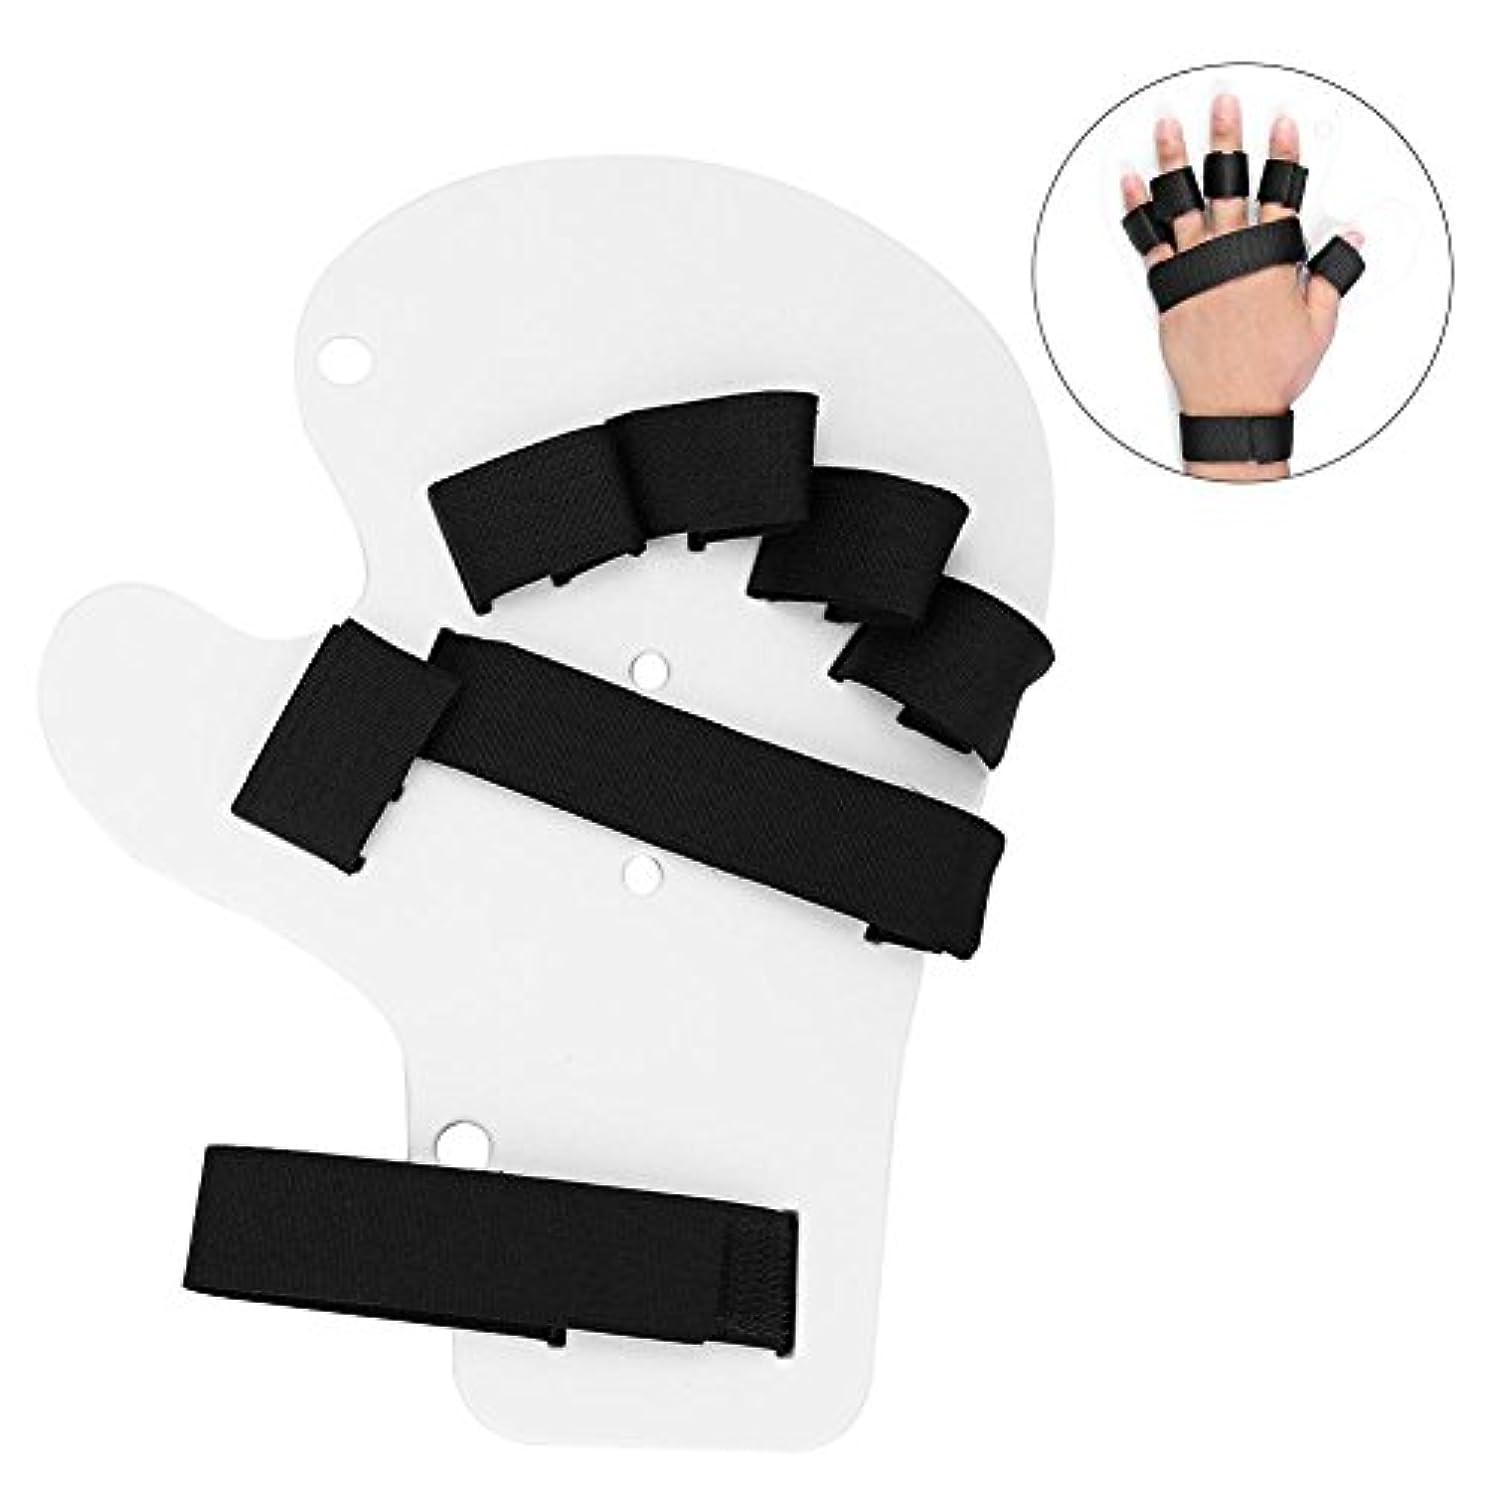 謙虚な略語検体指の訓練板、両手のための指の装具の指板手の添え木の訓練サポート(ホワイト)